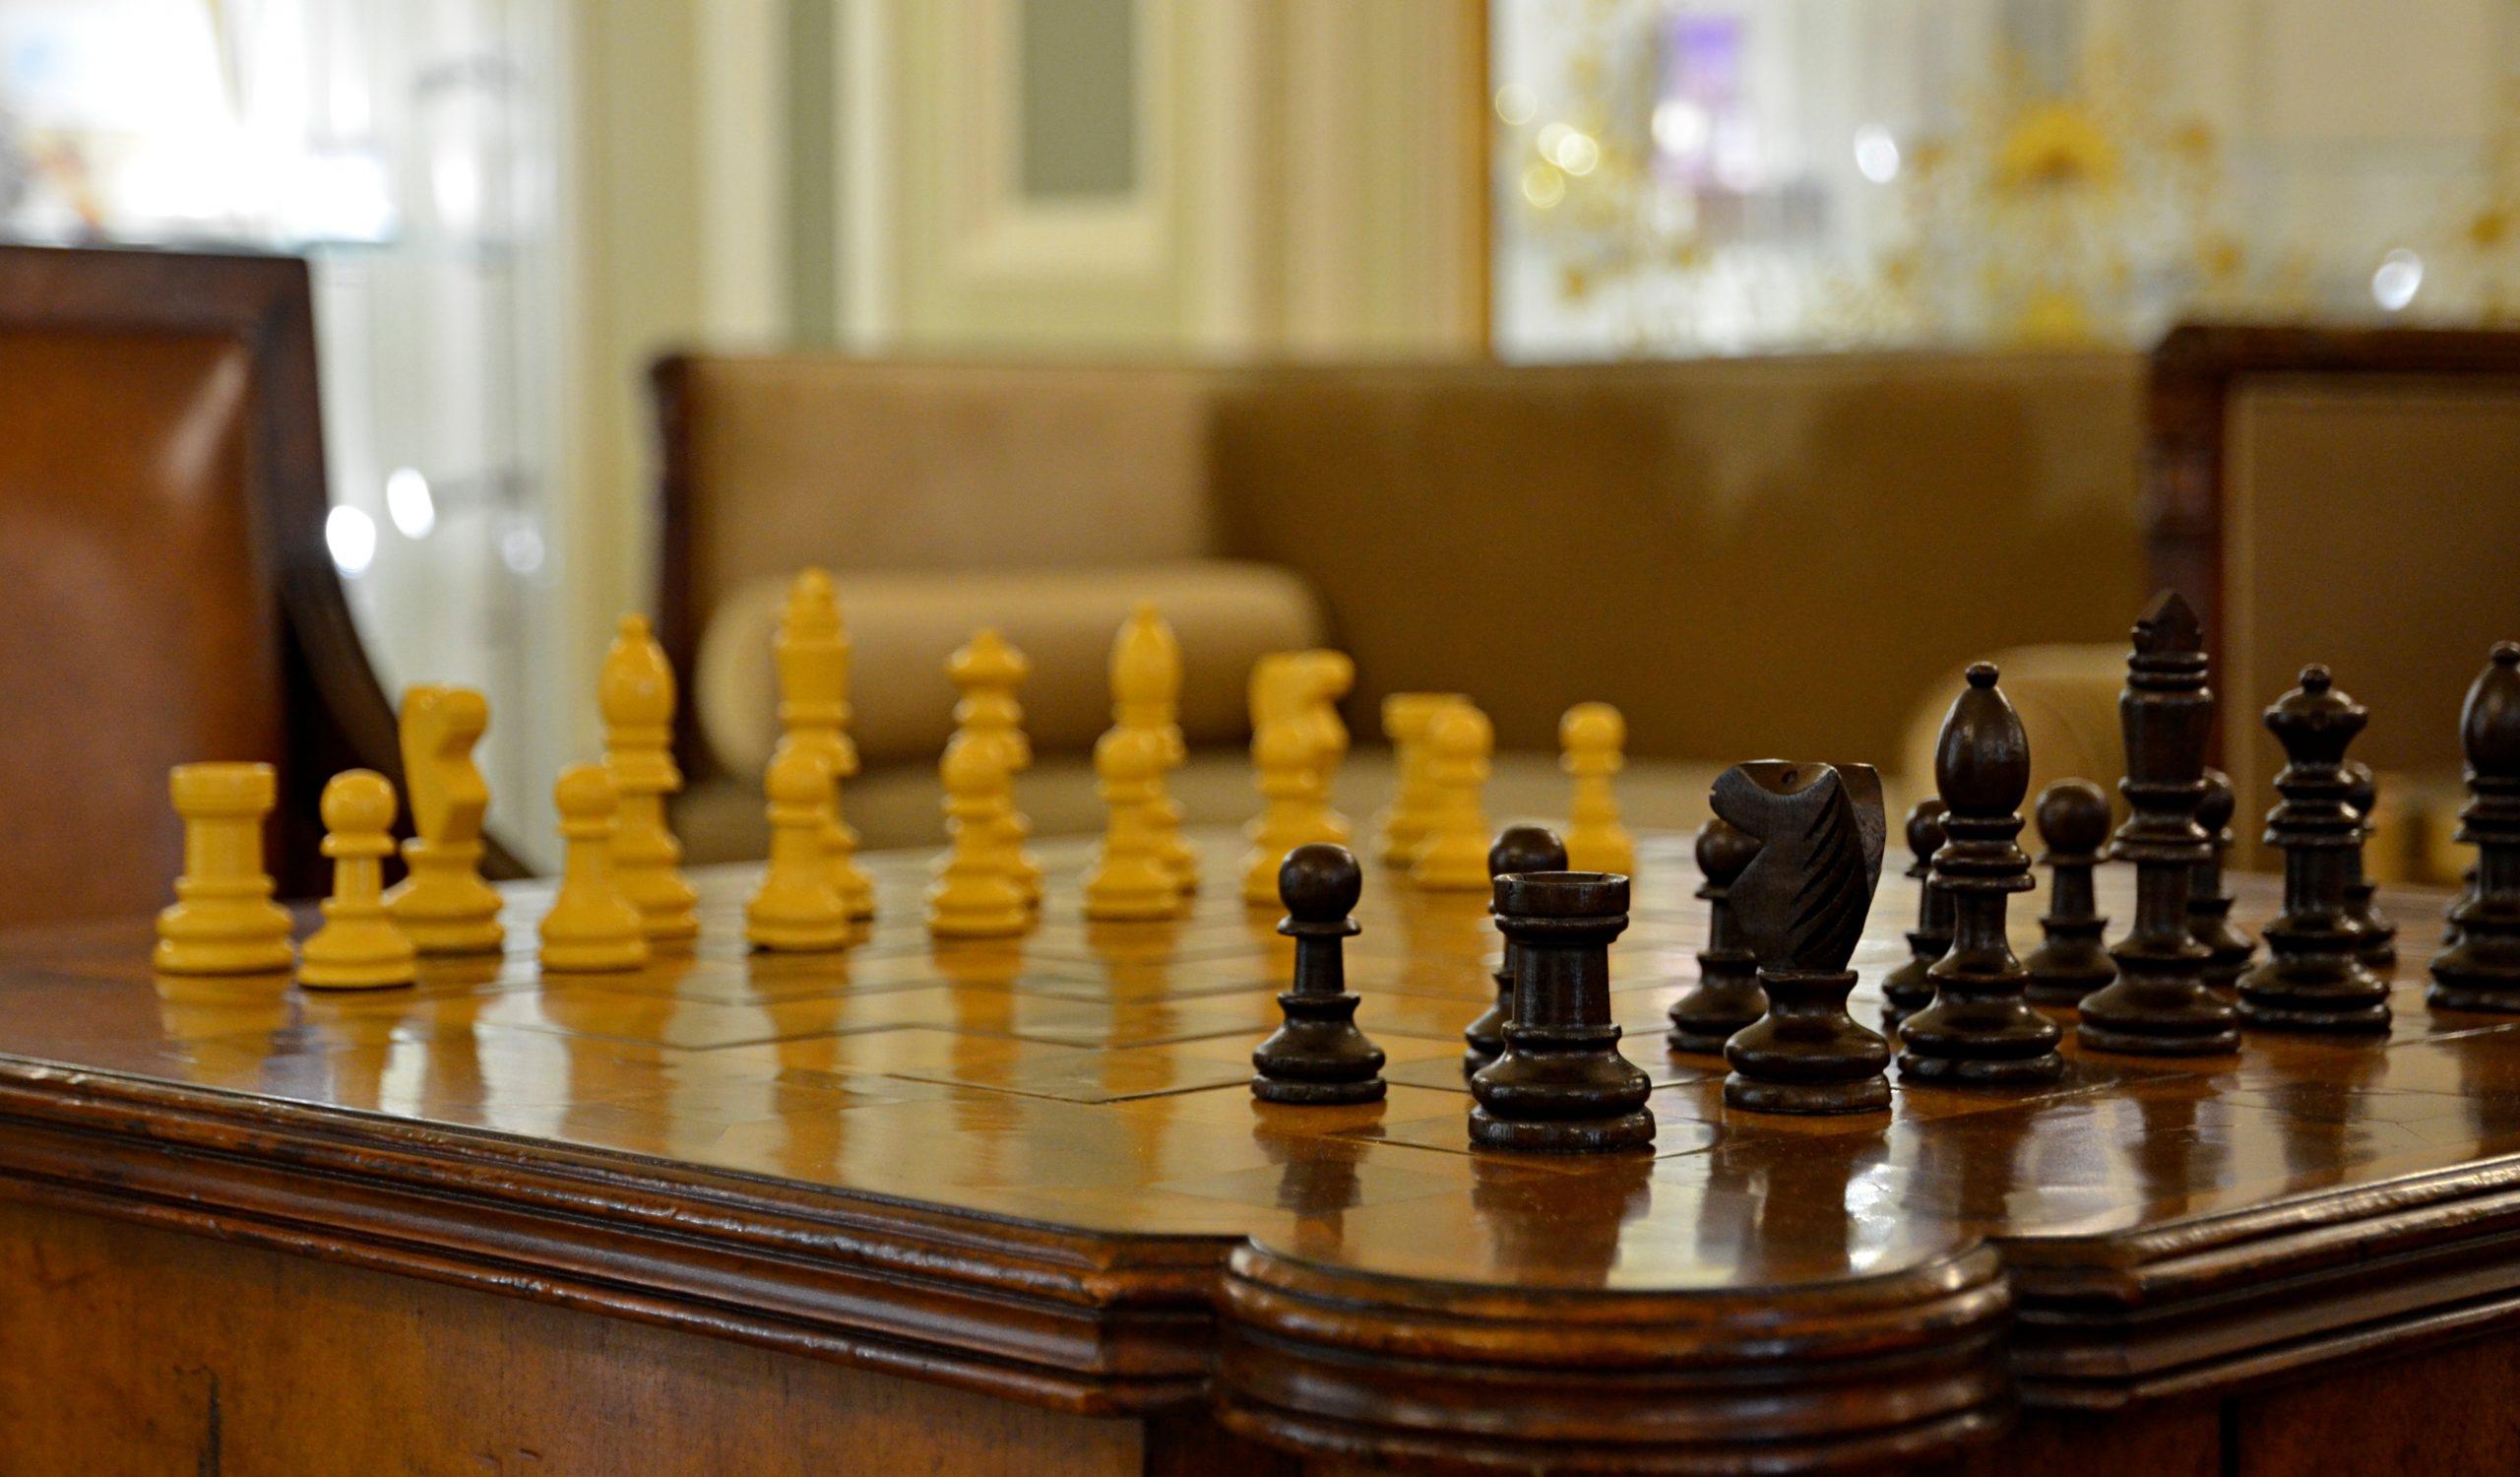 Шахматный турнир прошел в Марушкинском